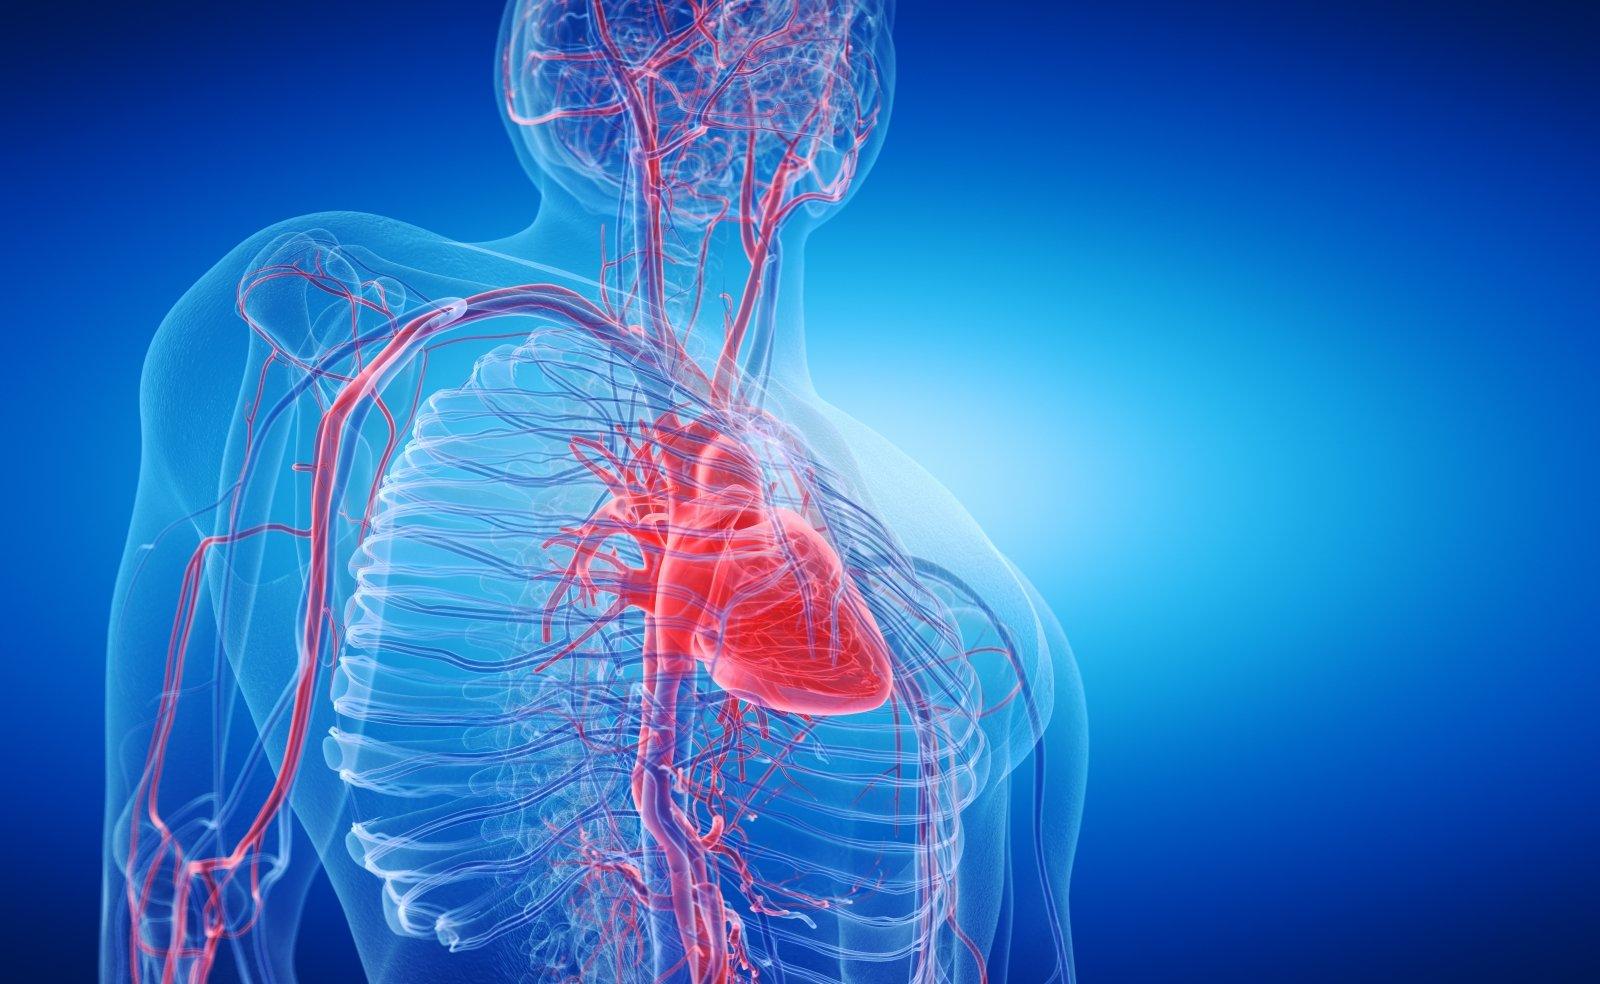 širdies sveikų sveikatos mėnesio receptų